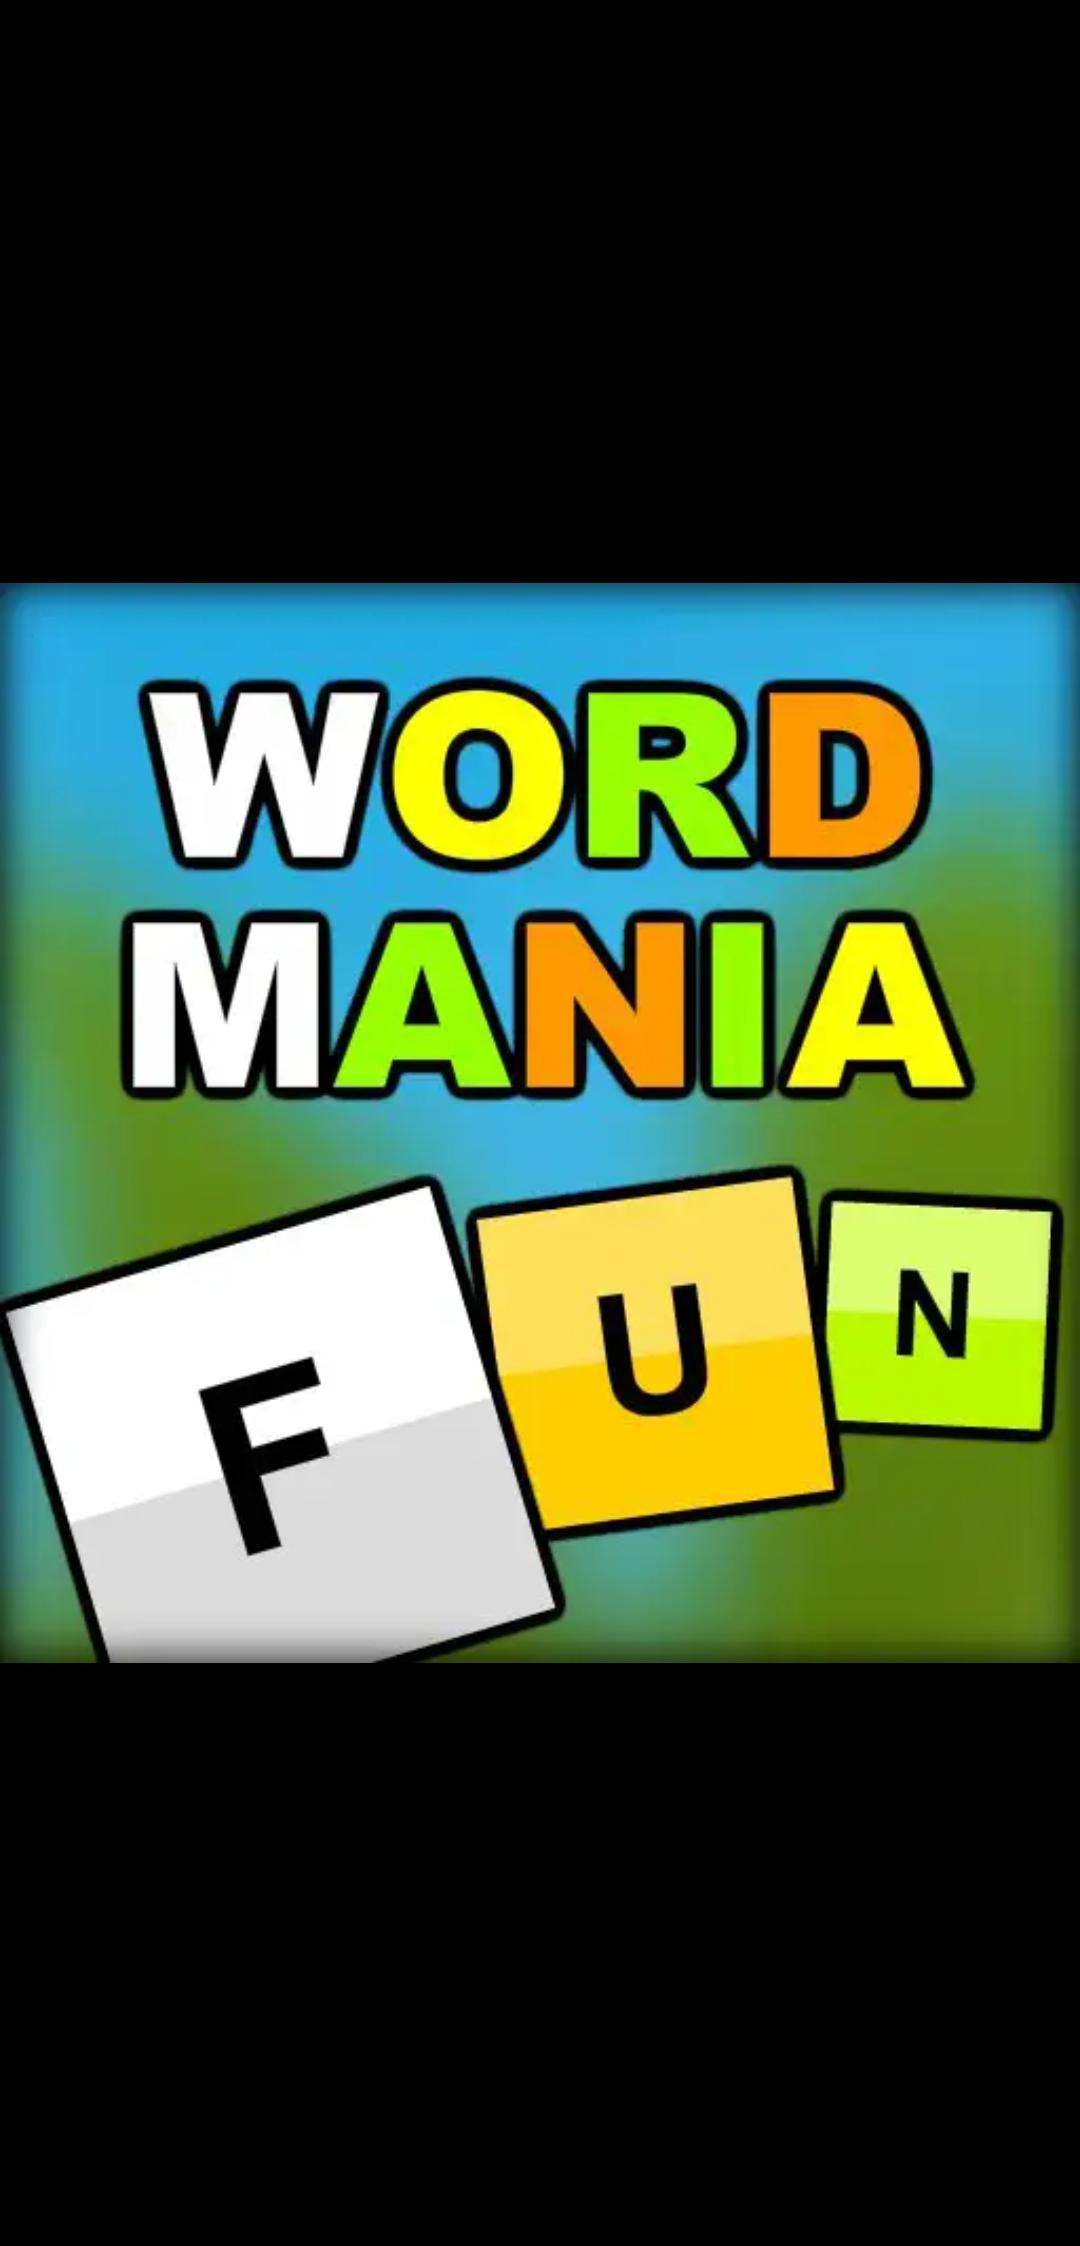 Word Mania nu tijdelijk gratis ipv 1,89 @googleplay